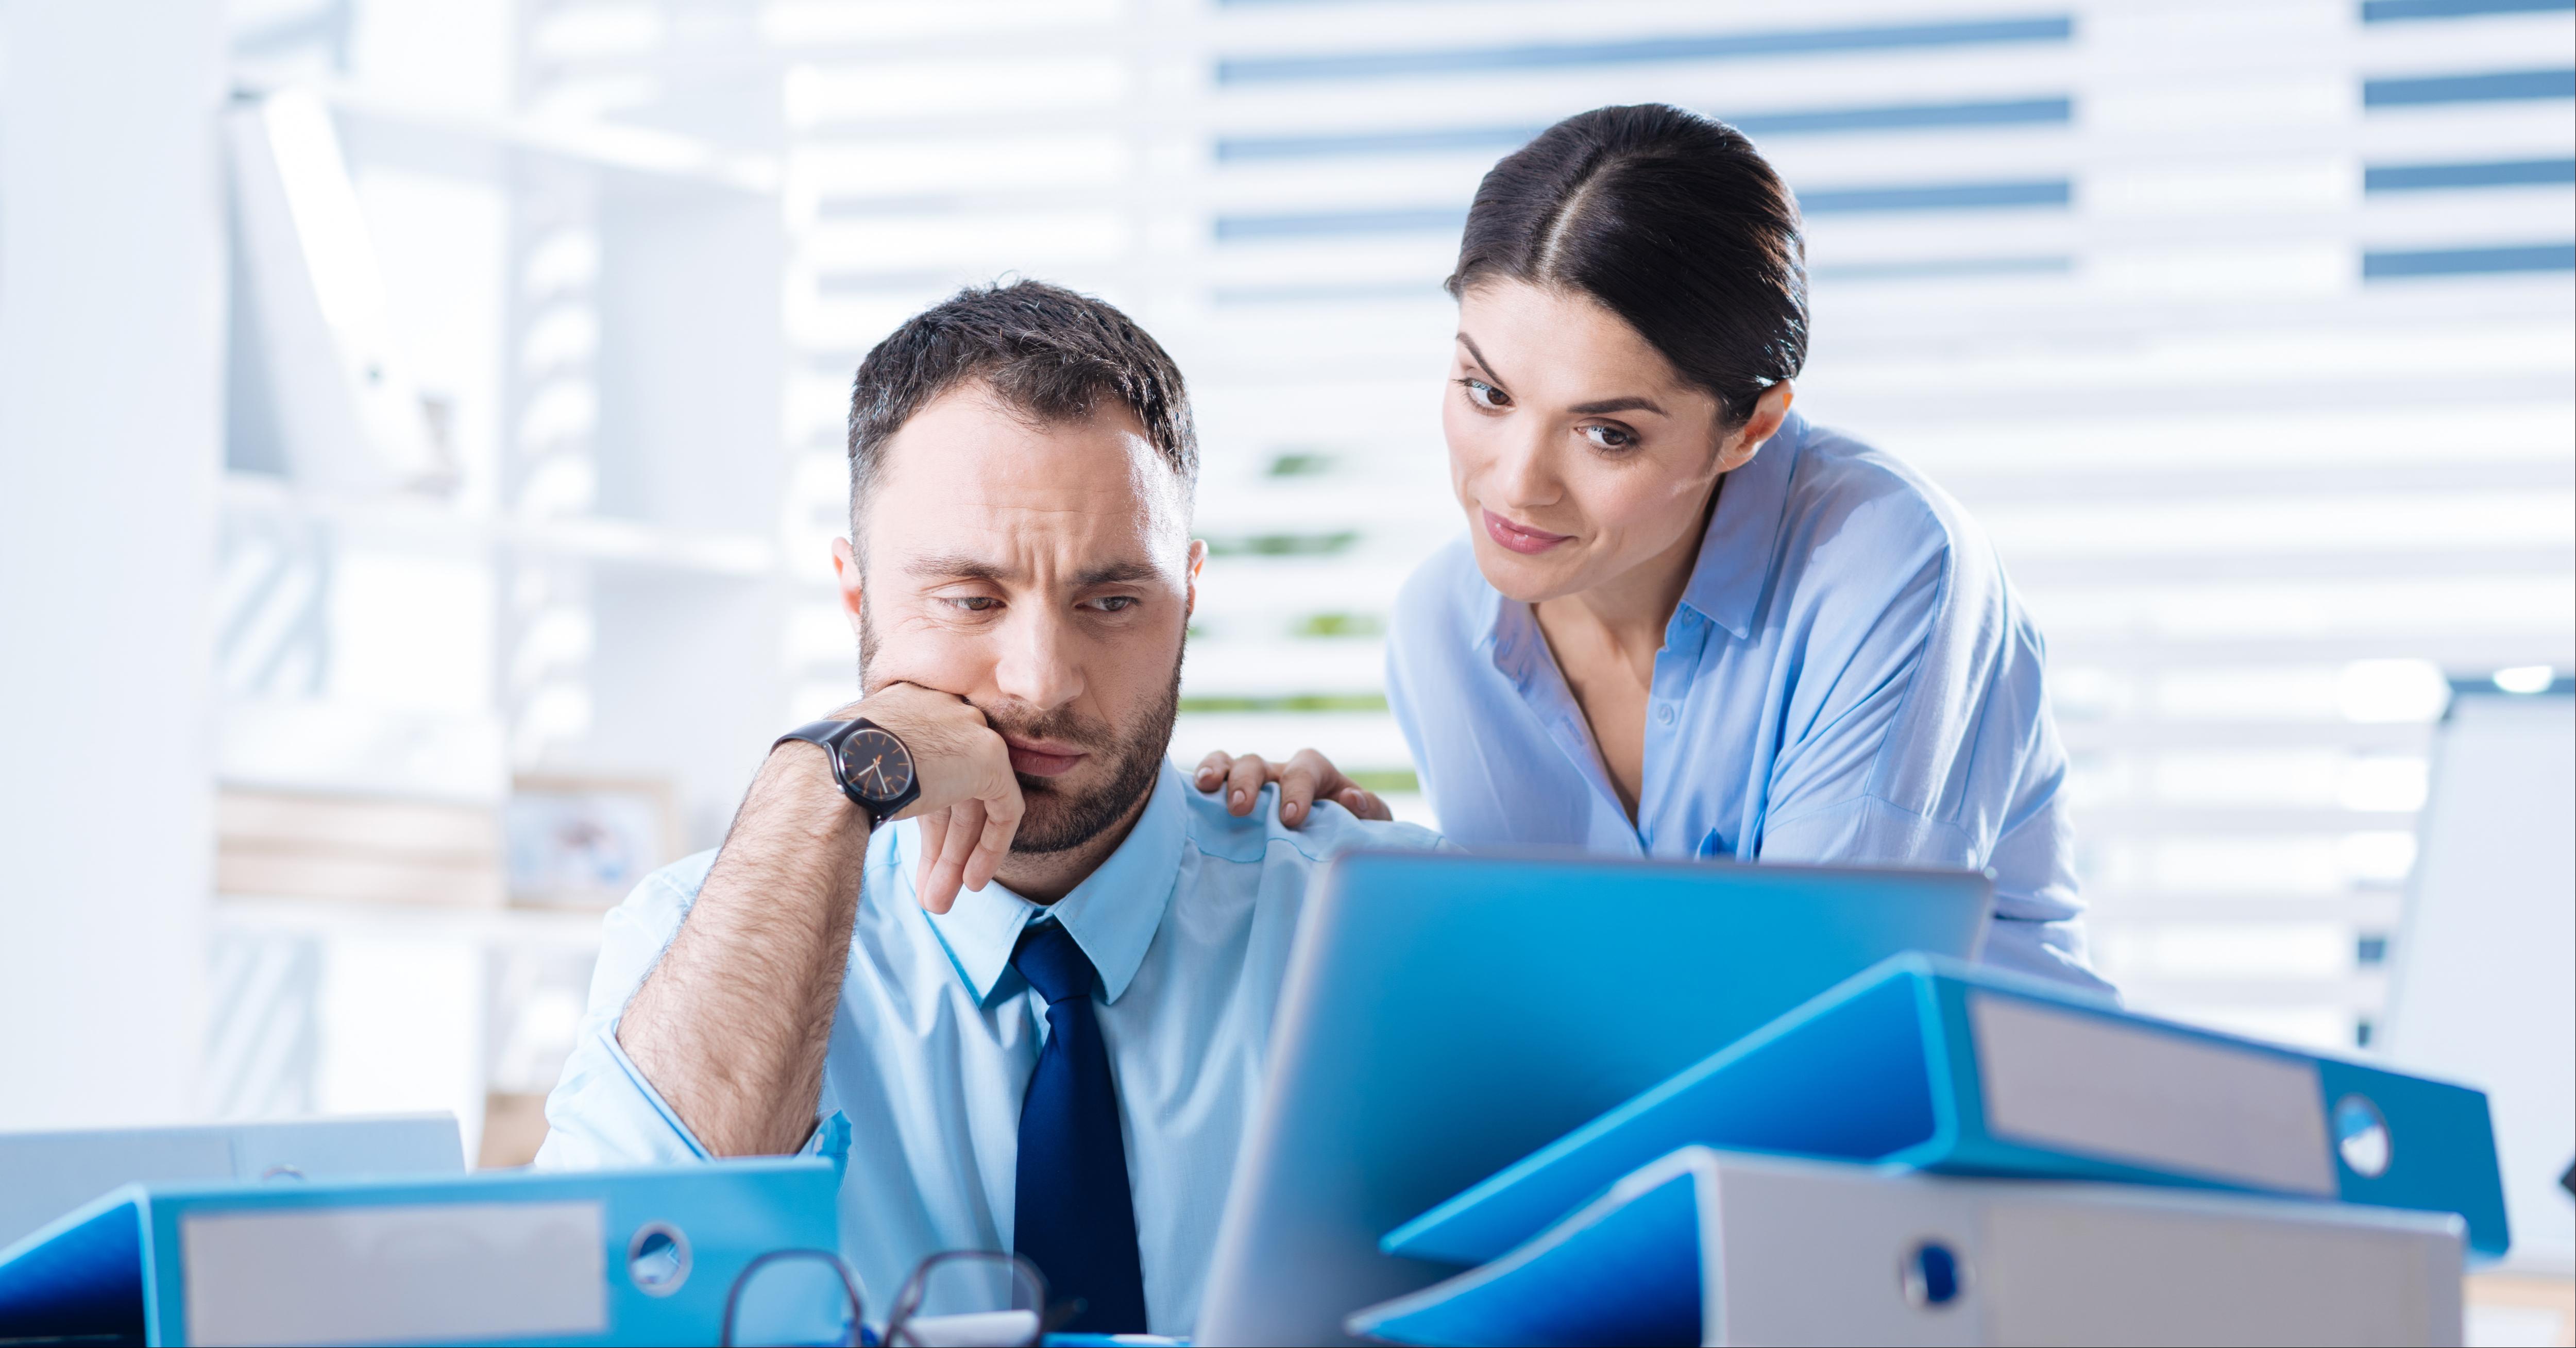 AITI_Influencer in ufficio_